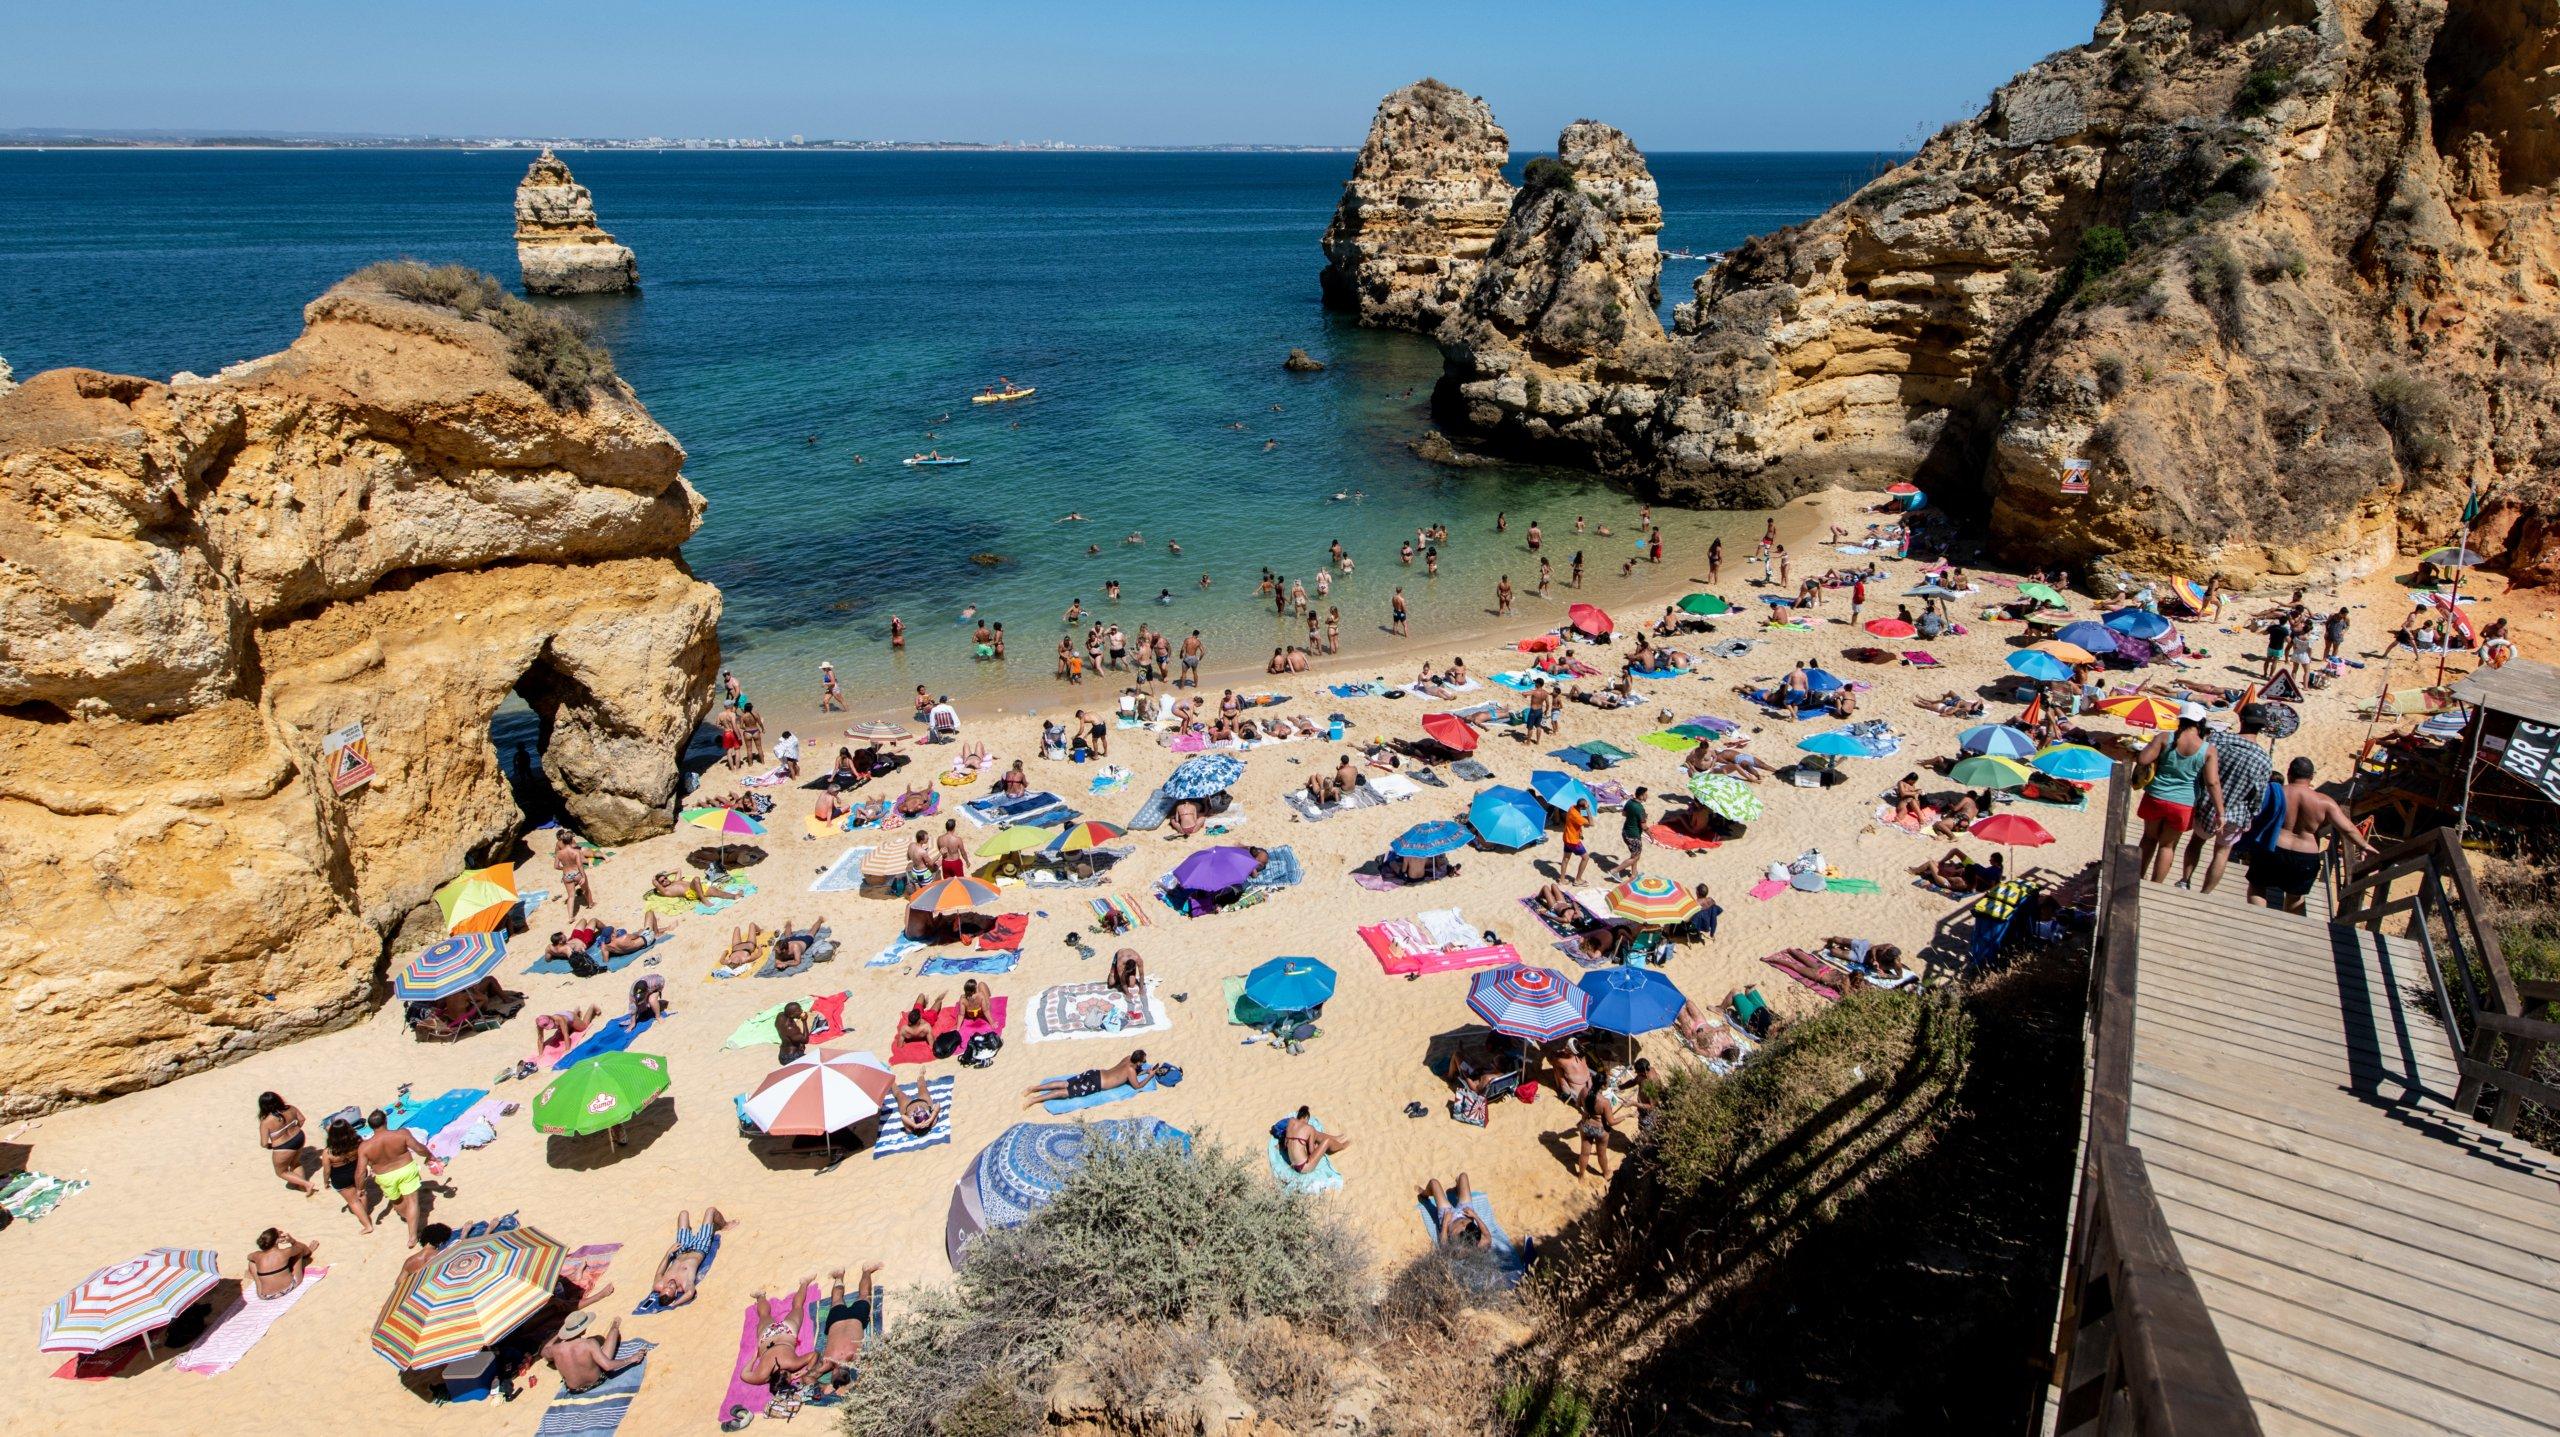 Beach life in the Algarve